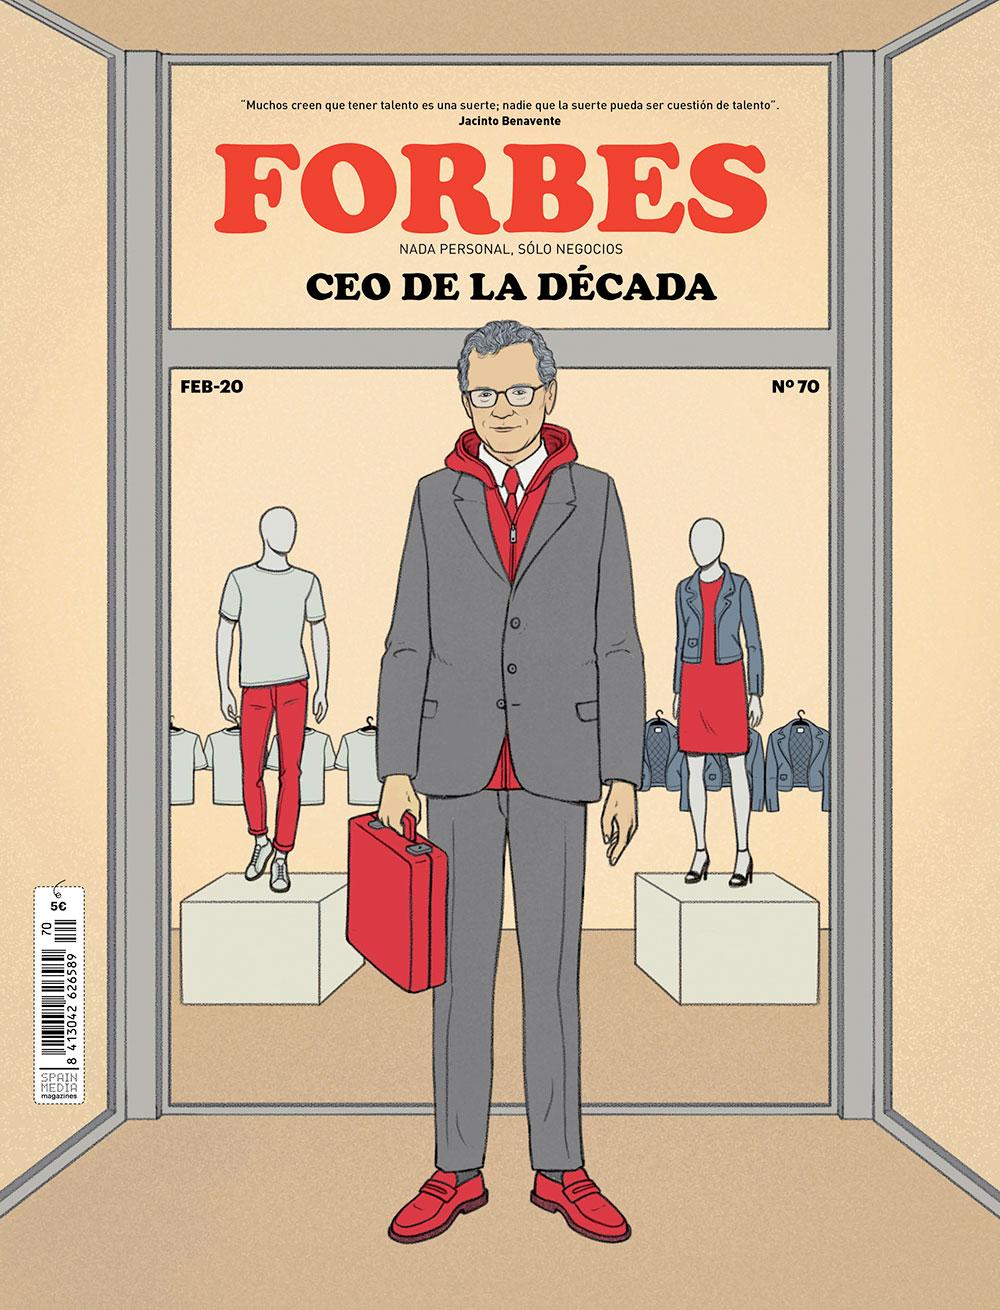 Portada Forbes CEO de la década Pablo Isla